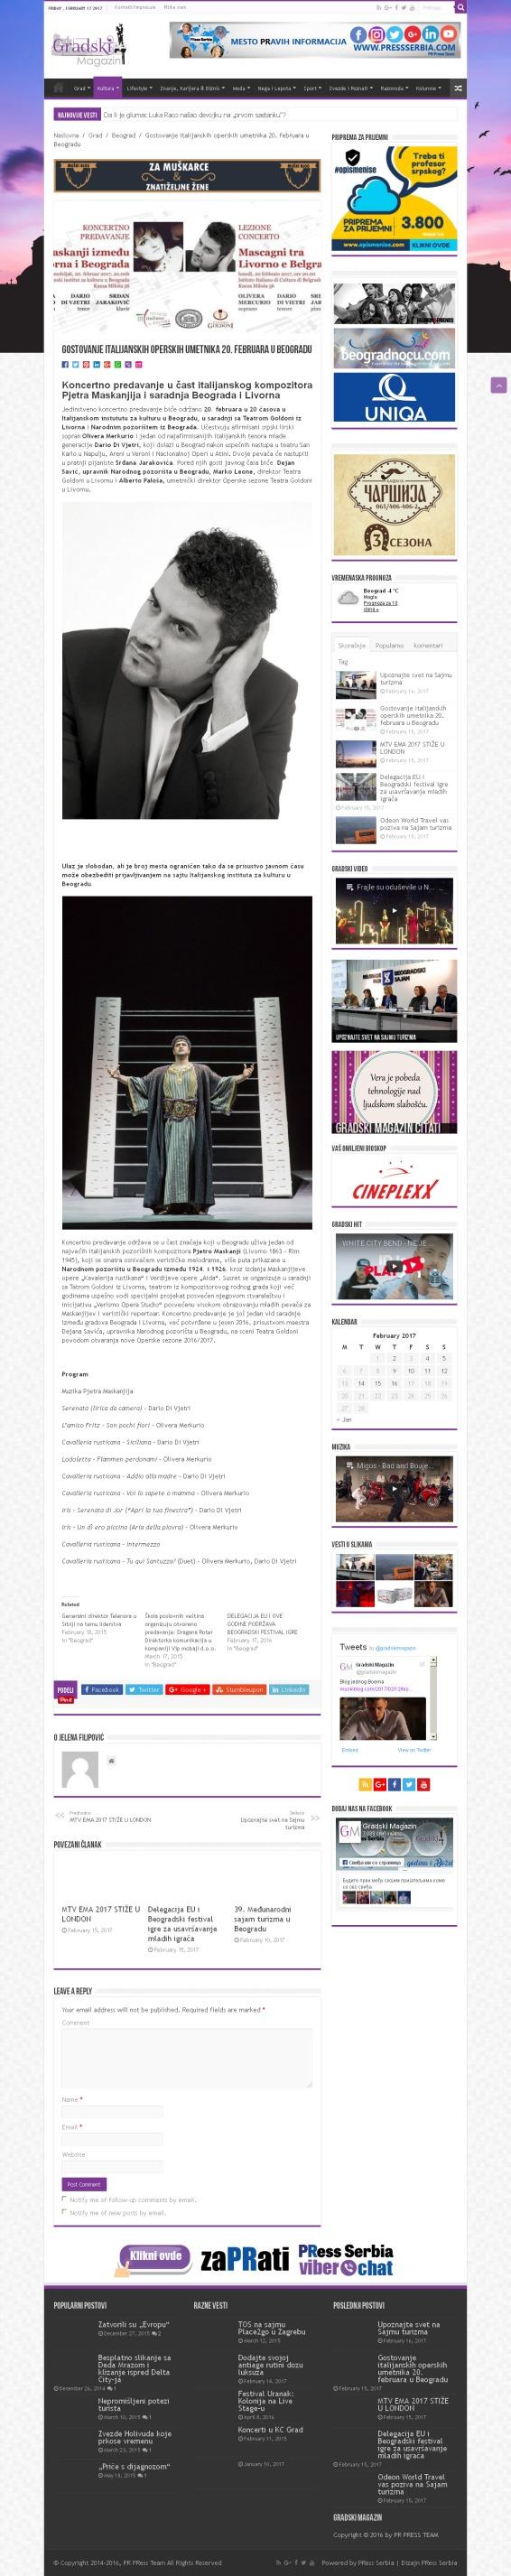 1602 - gradskimagazin.rs - Gostovanje italijanskih operskih umetnika 20. februara u Beogradu